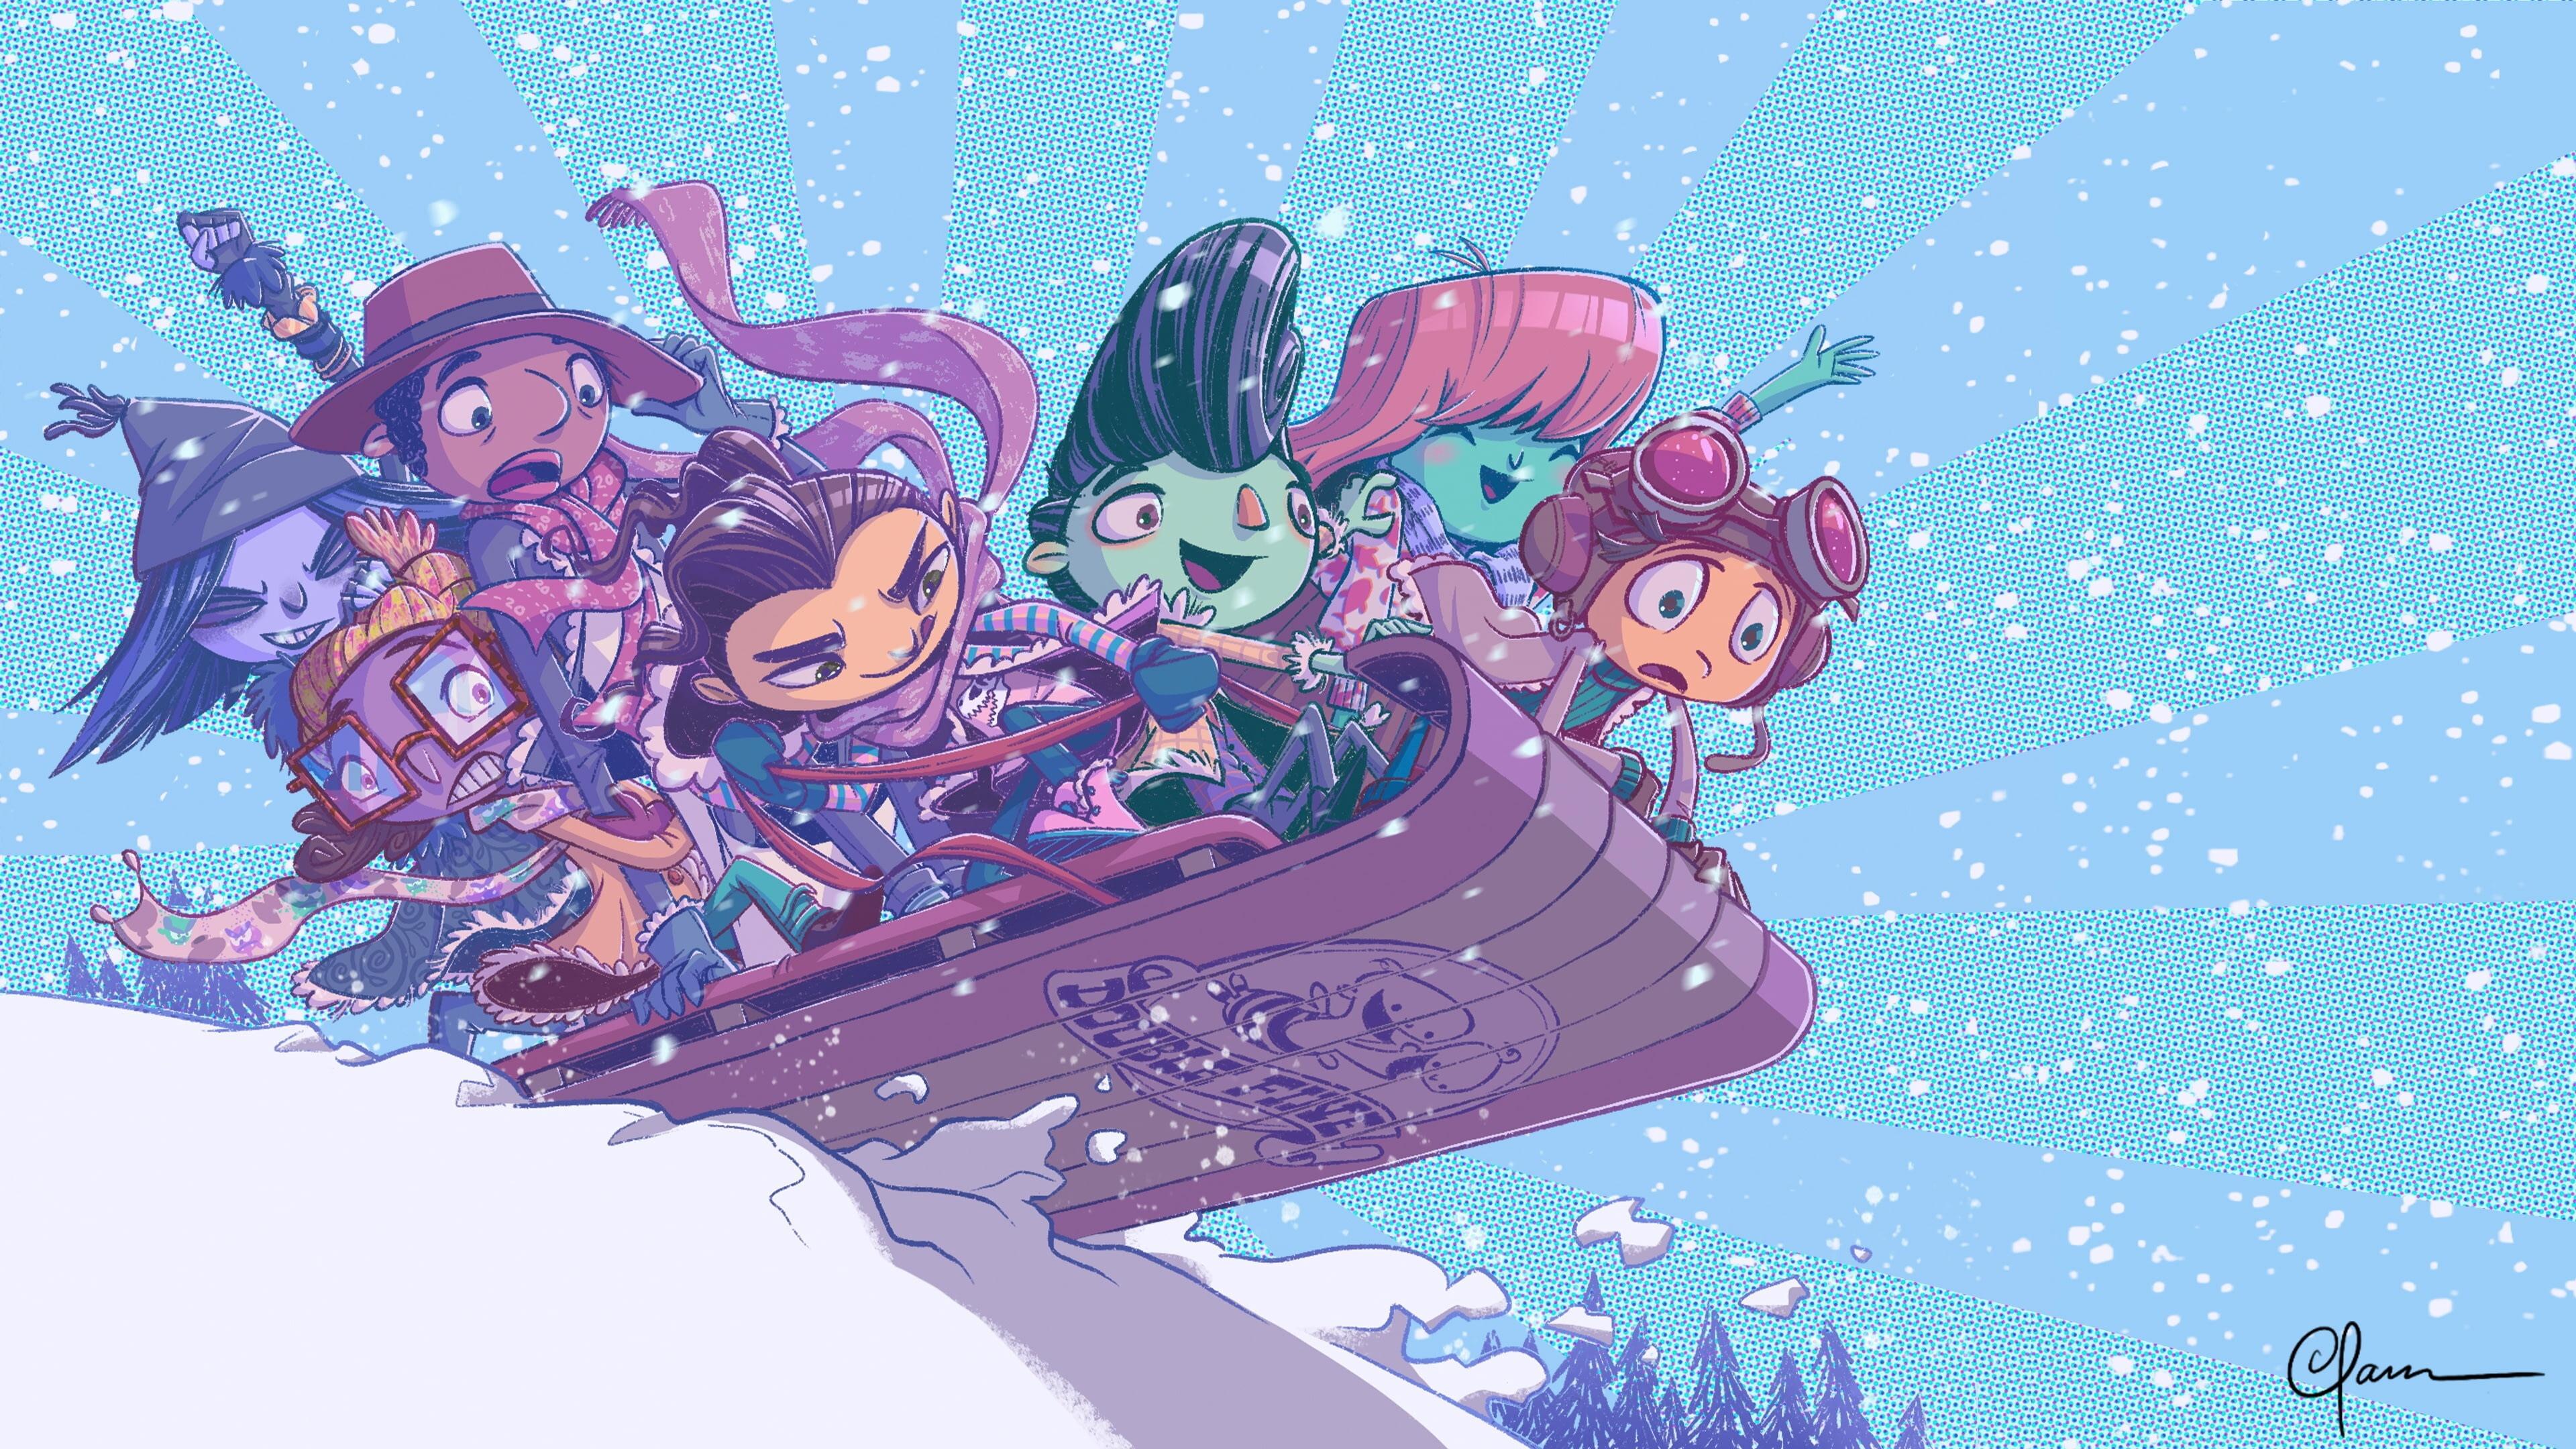 Разработчики поздравляют игроков с Рождеством — собрали праздничные открытки 6